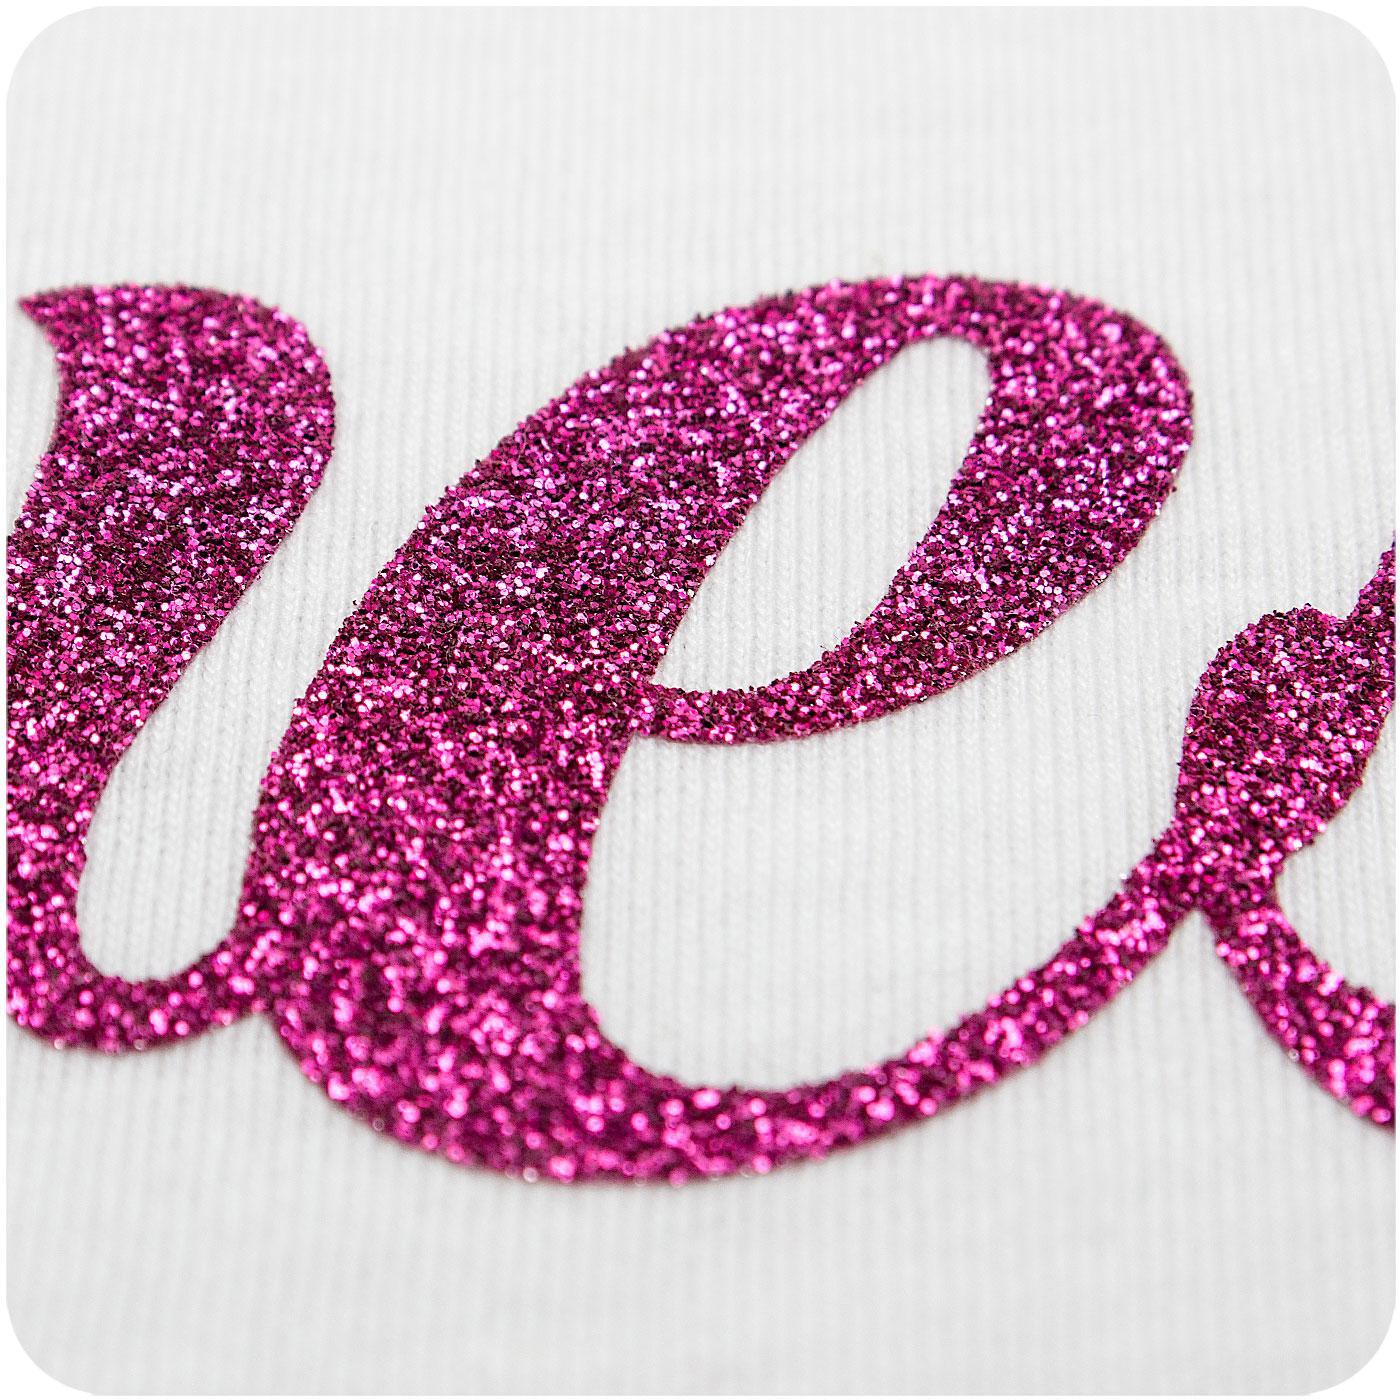 Nevestička a Ženích ♥ - trička na želanie podľa vlastných predstáv - Glitrový efekt potlače